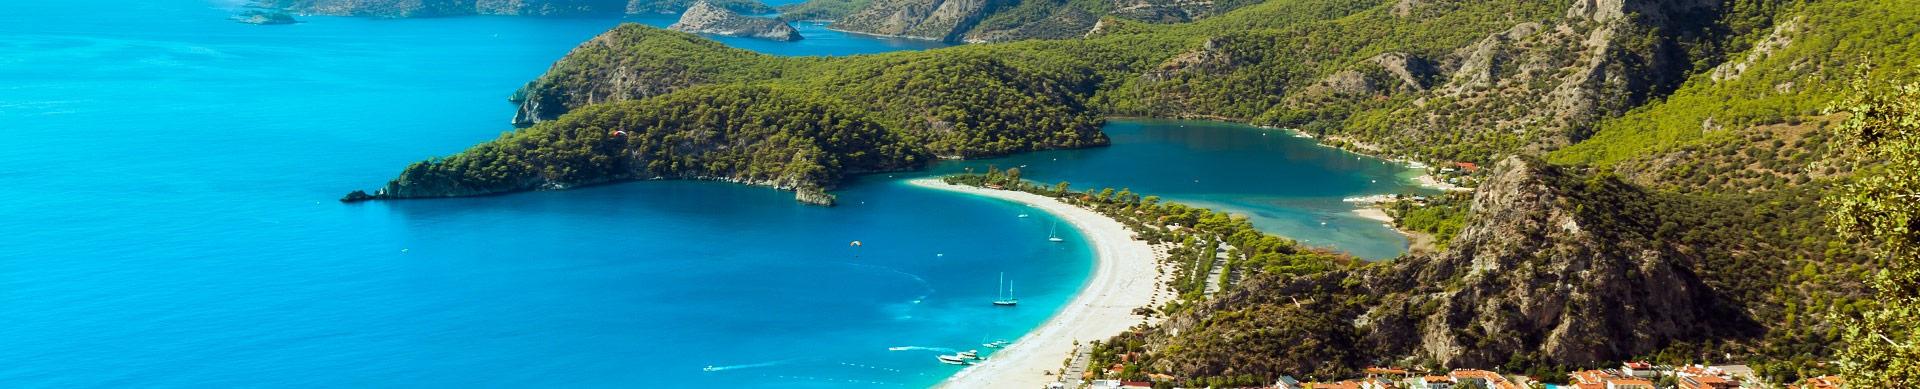 Oludeniz luchthaven taxi transfer van-naar vakantie hotel vliegveld transfers Antalya Luchthaven vakantiereizen Turkije